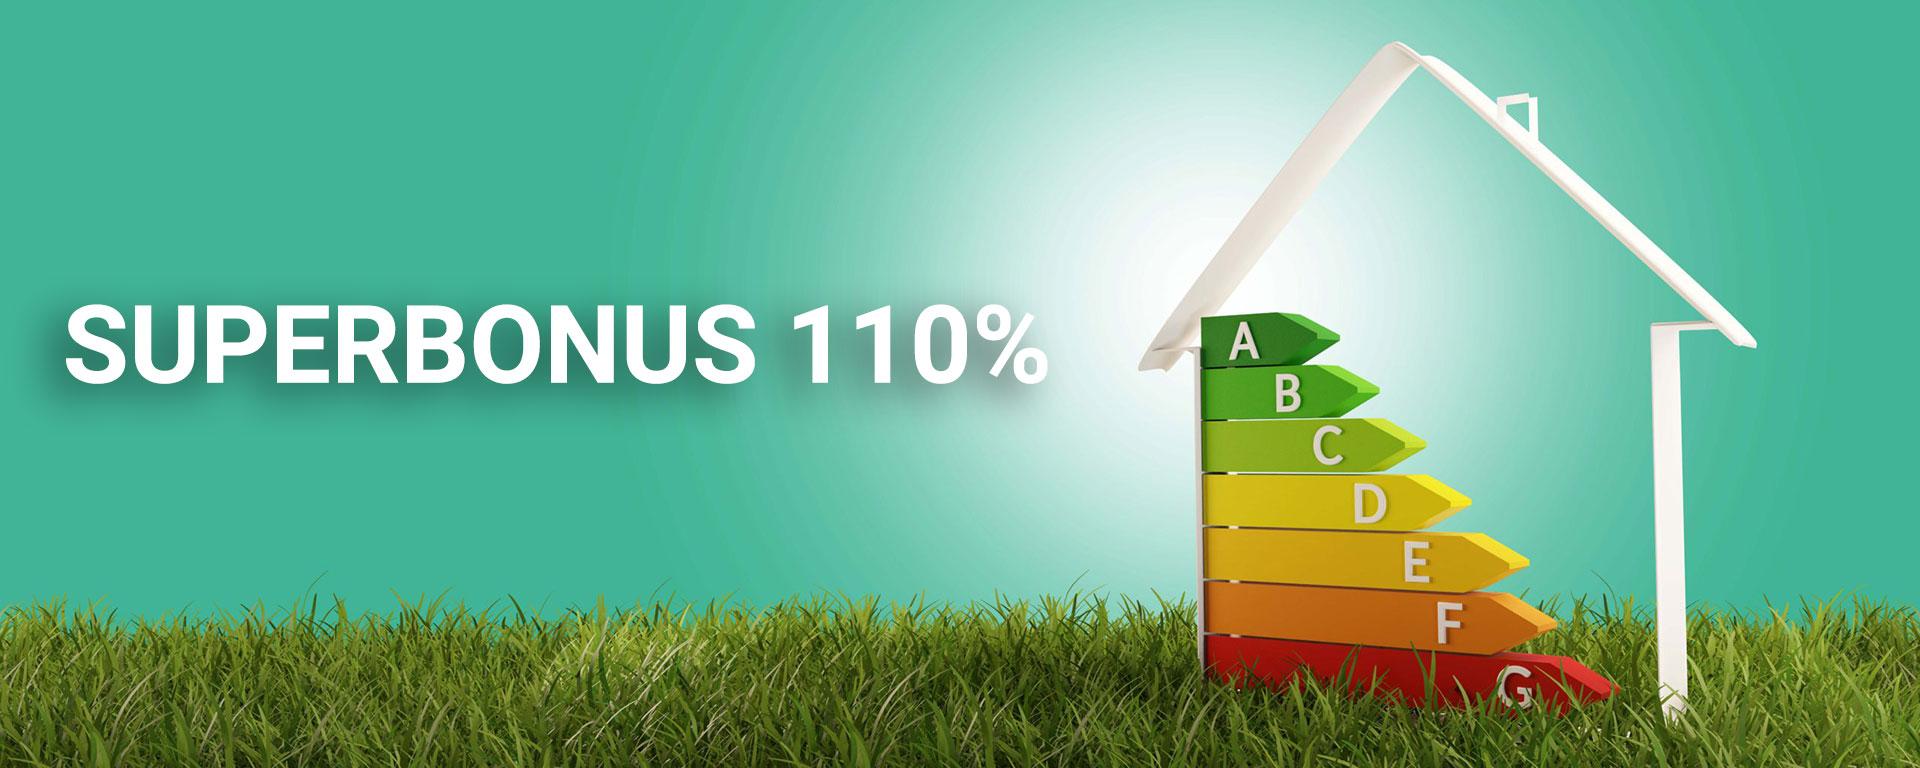 Super bonus 110%